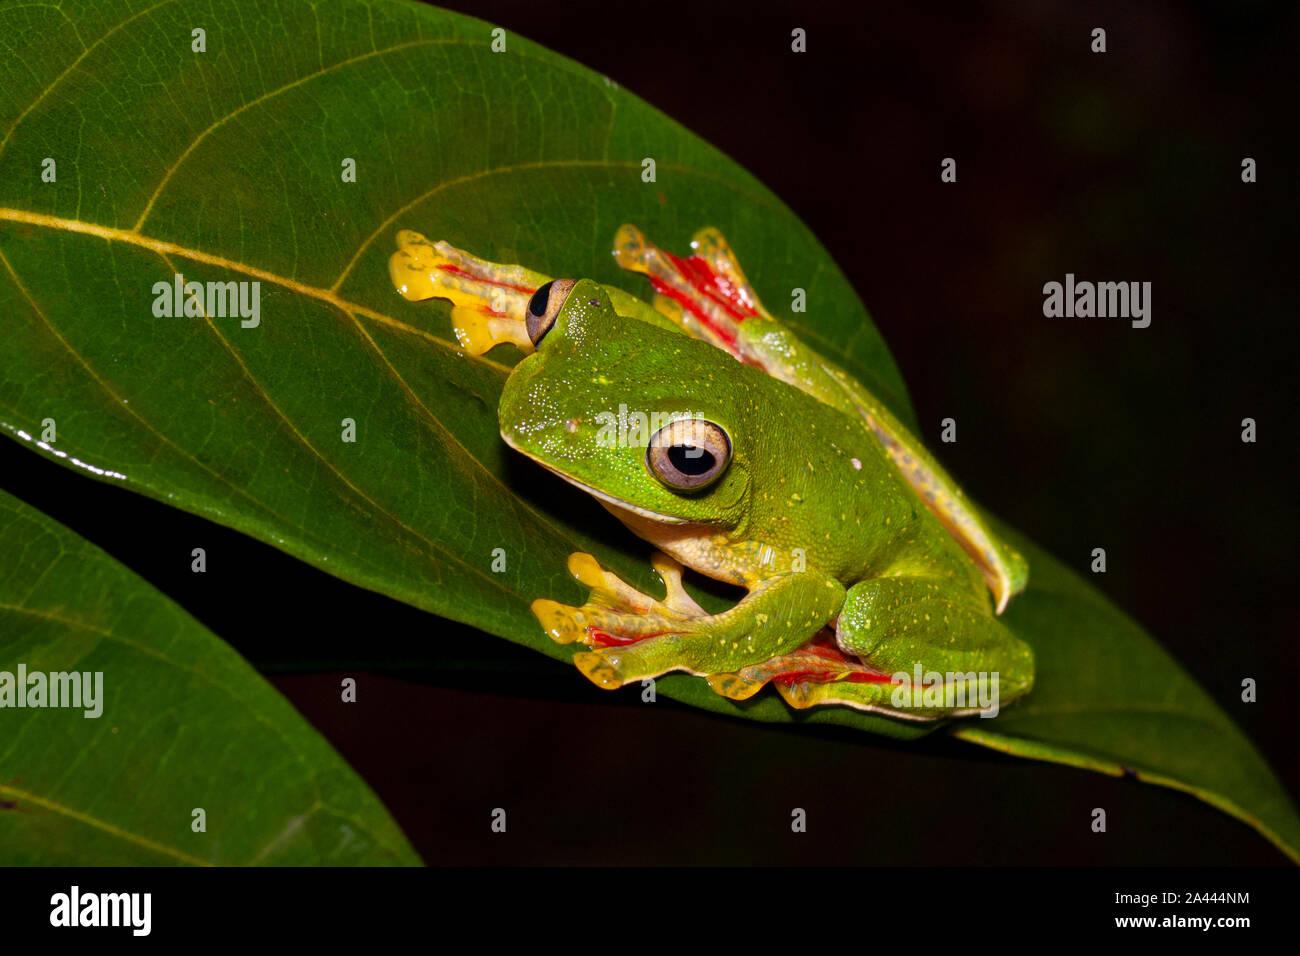 Rhacophorous Malabaricus or Malabar Gliding Frog seen at Amboli,Maharashtra,India Stock Photo